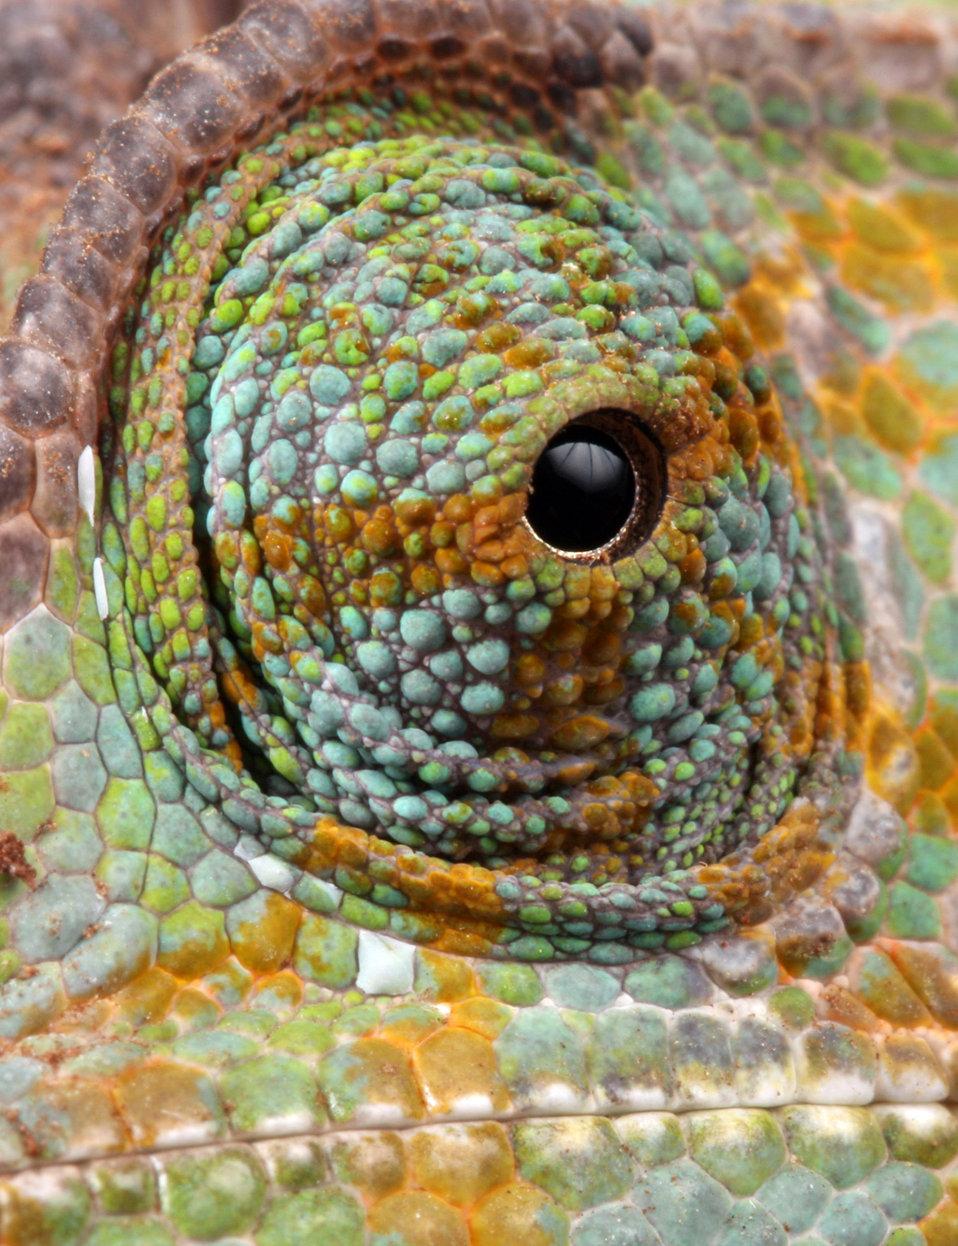 Chameleon eye macro